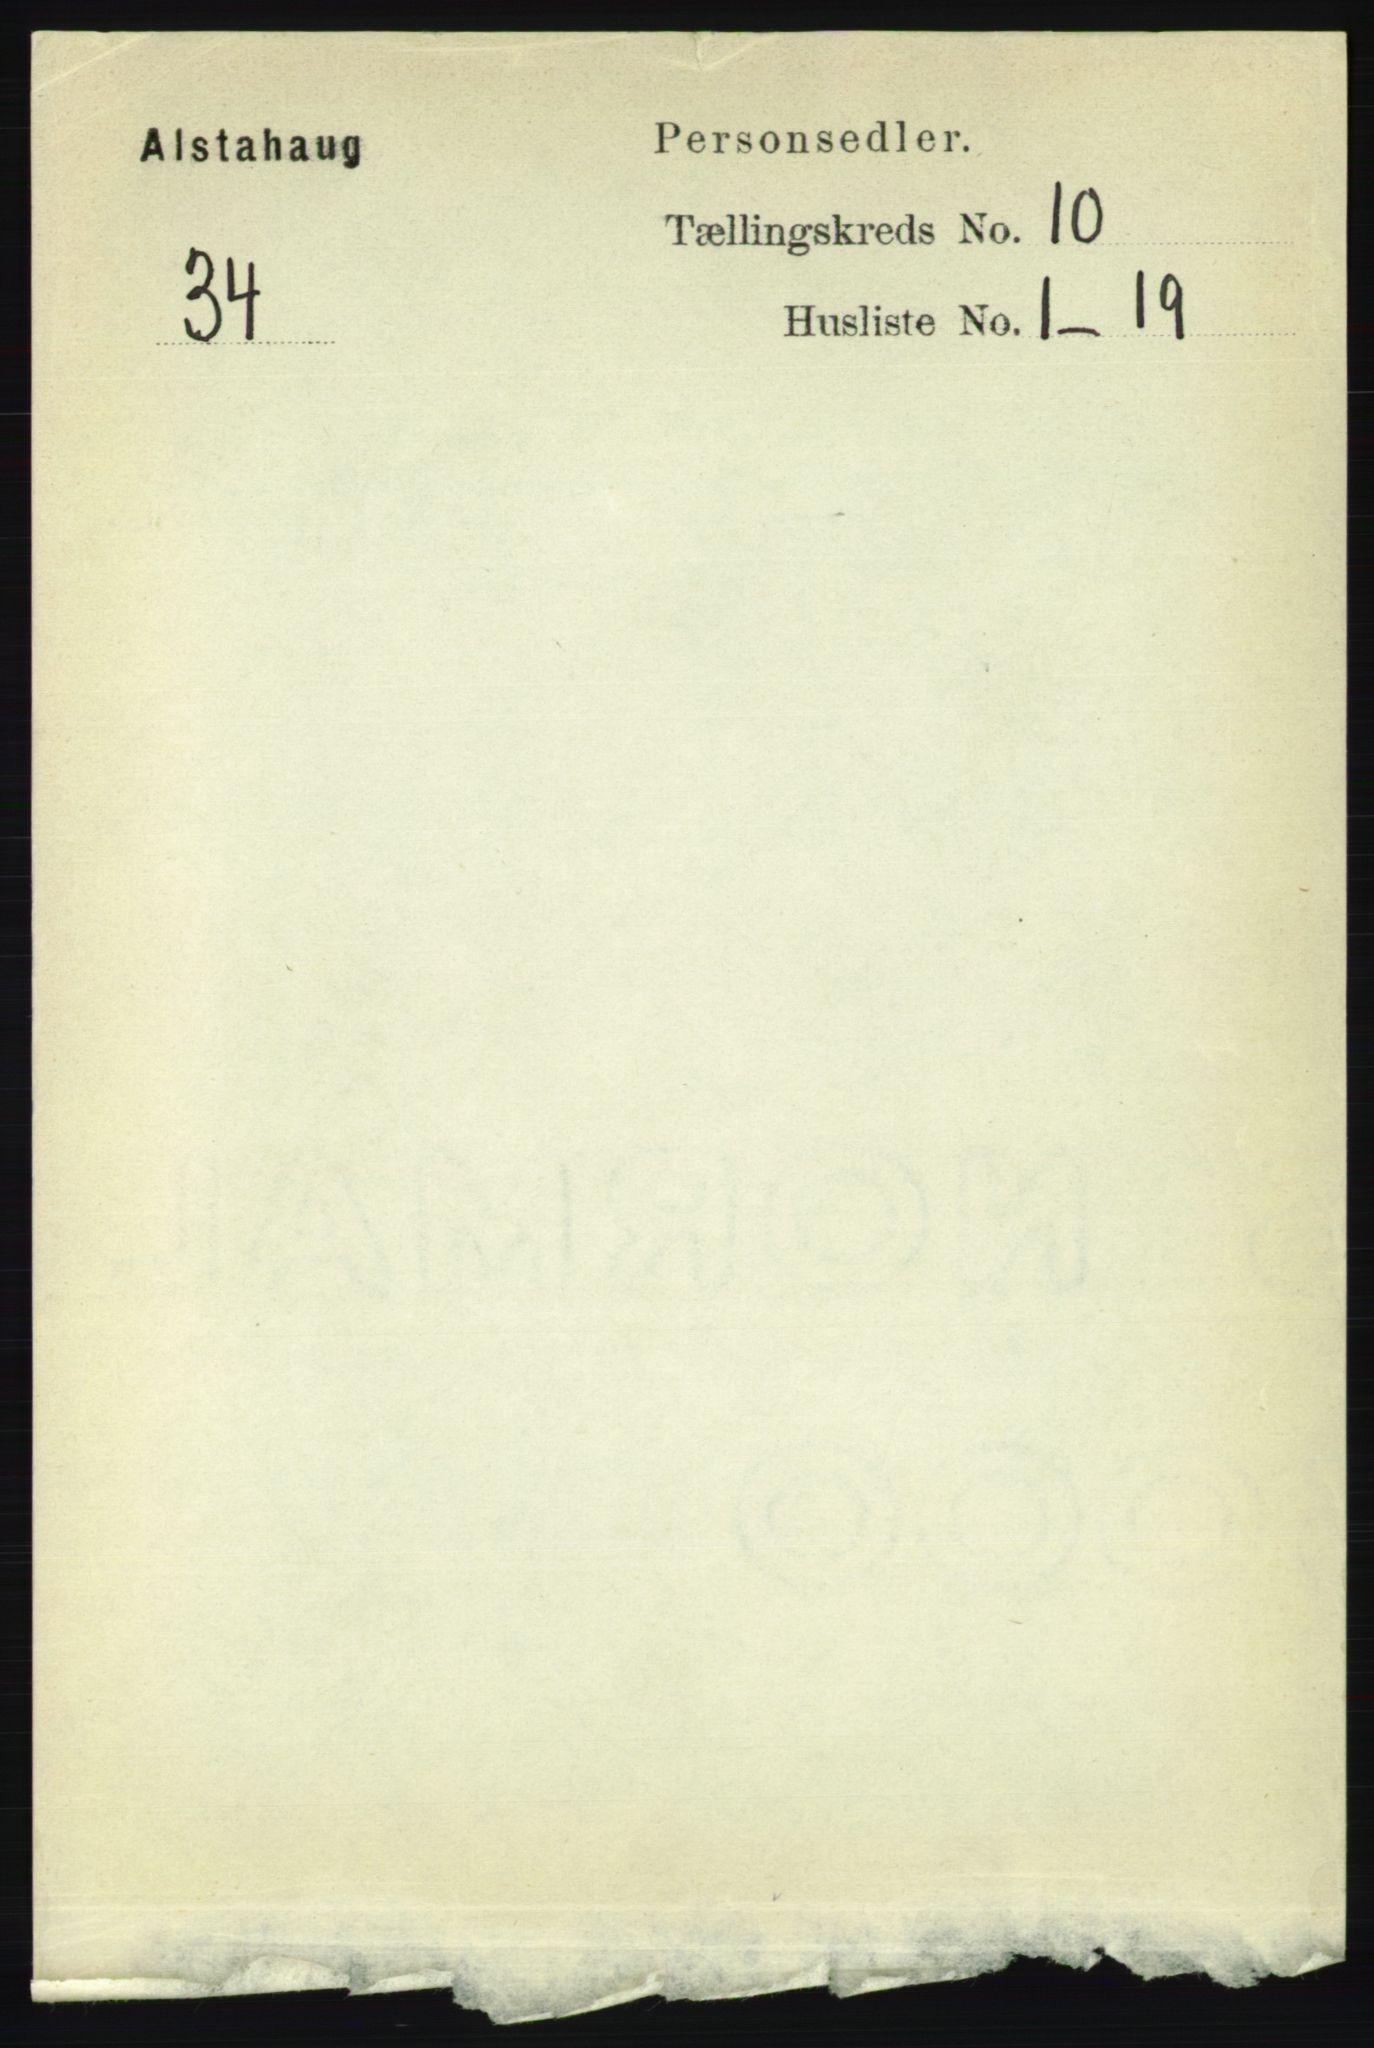 RA, Folketelling 1891 for 1820 Alstahaug herred, 1891, s. 3506